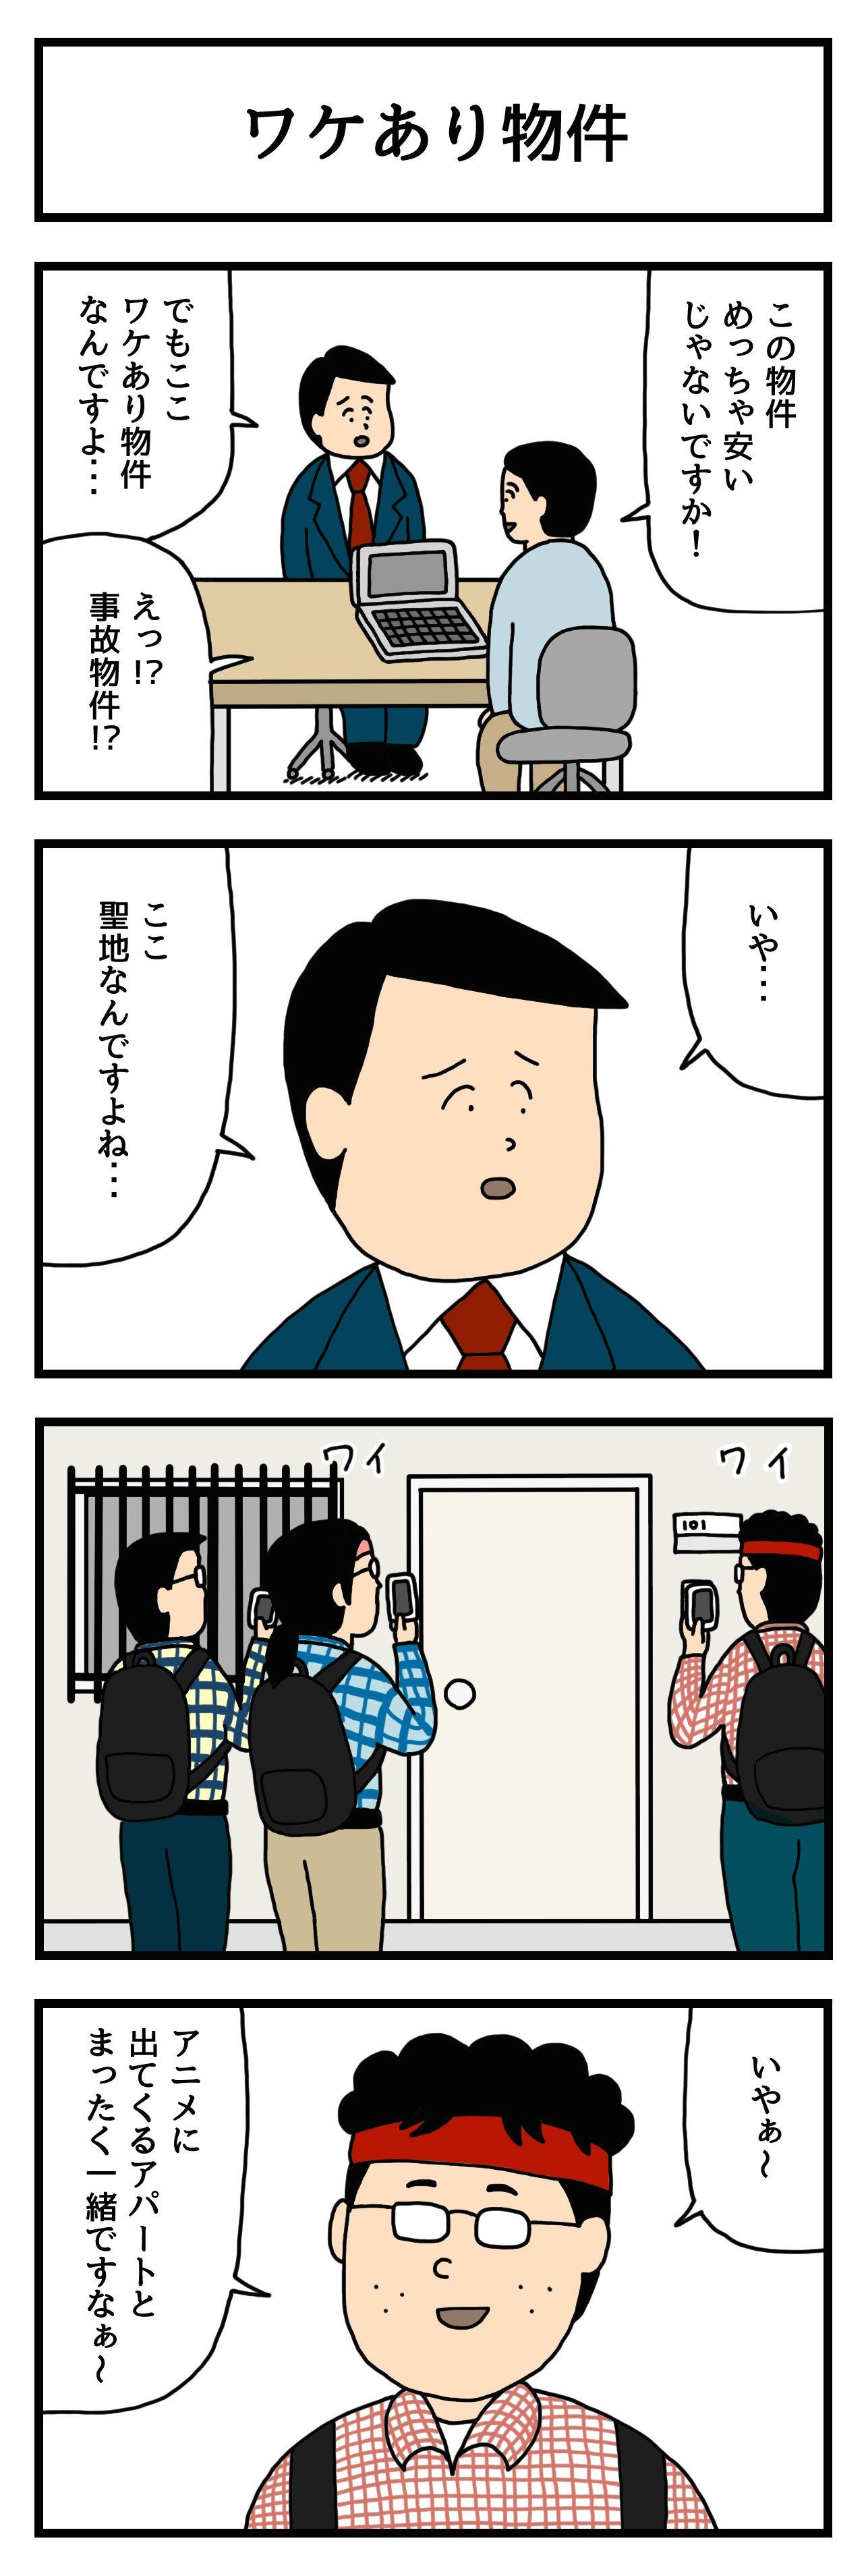 たのしい4コマ ワケあり物件 住生活編vol 2 4コマ漫画 漫画 ユーモラス